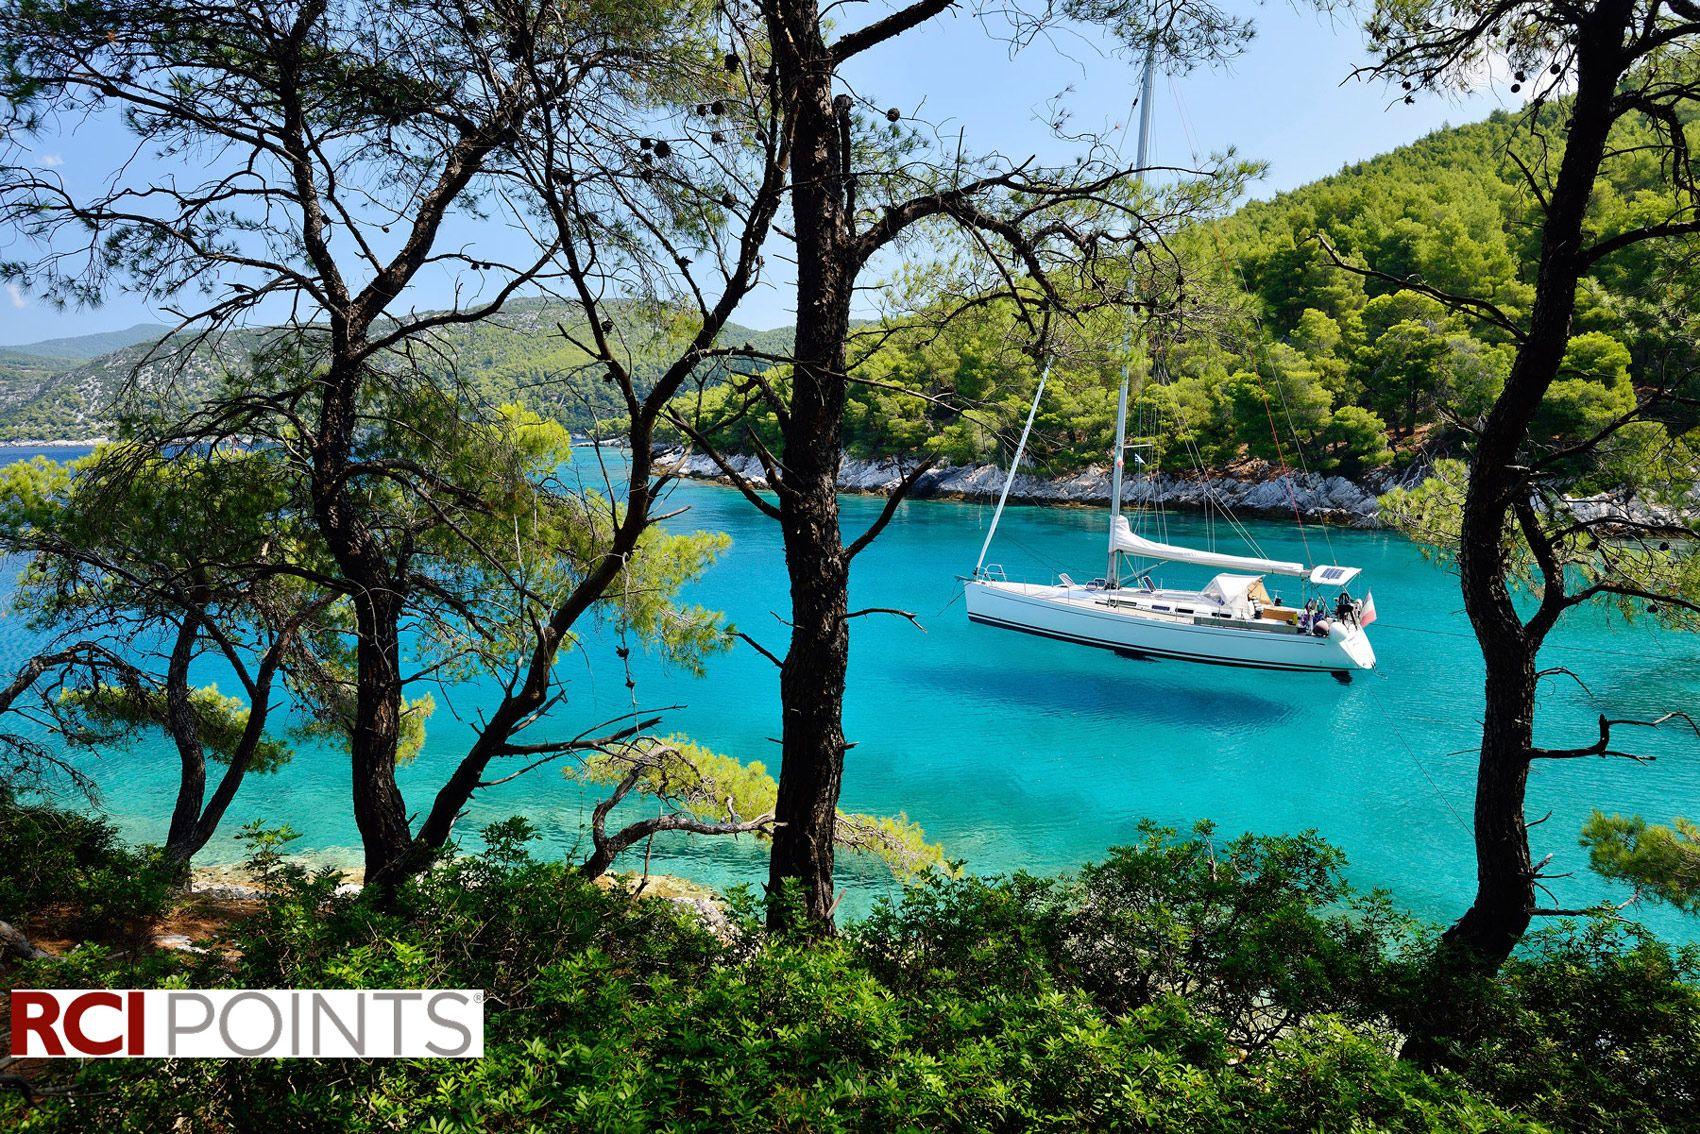 ΣΠΟΡΑΔΕΣ! Ελλάδα, Νησί, Παραλίες